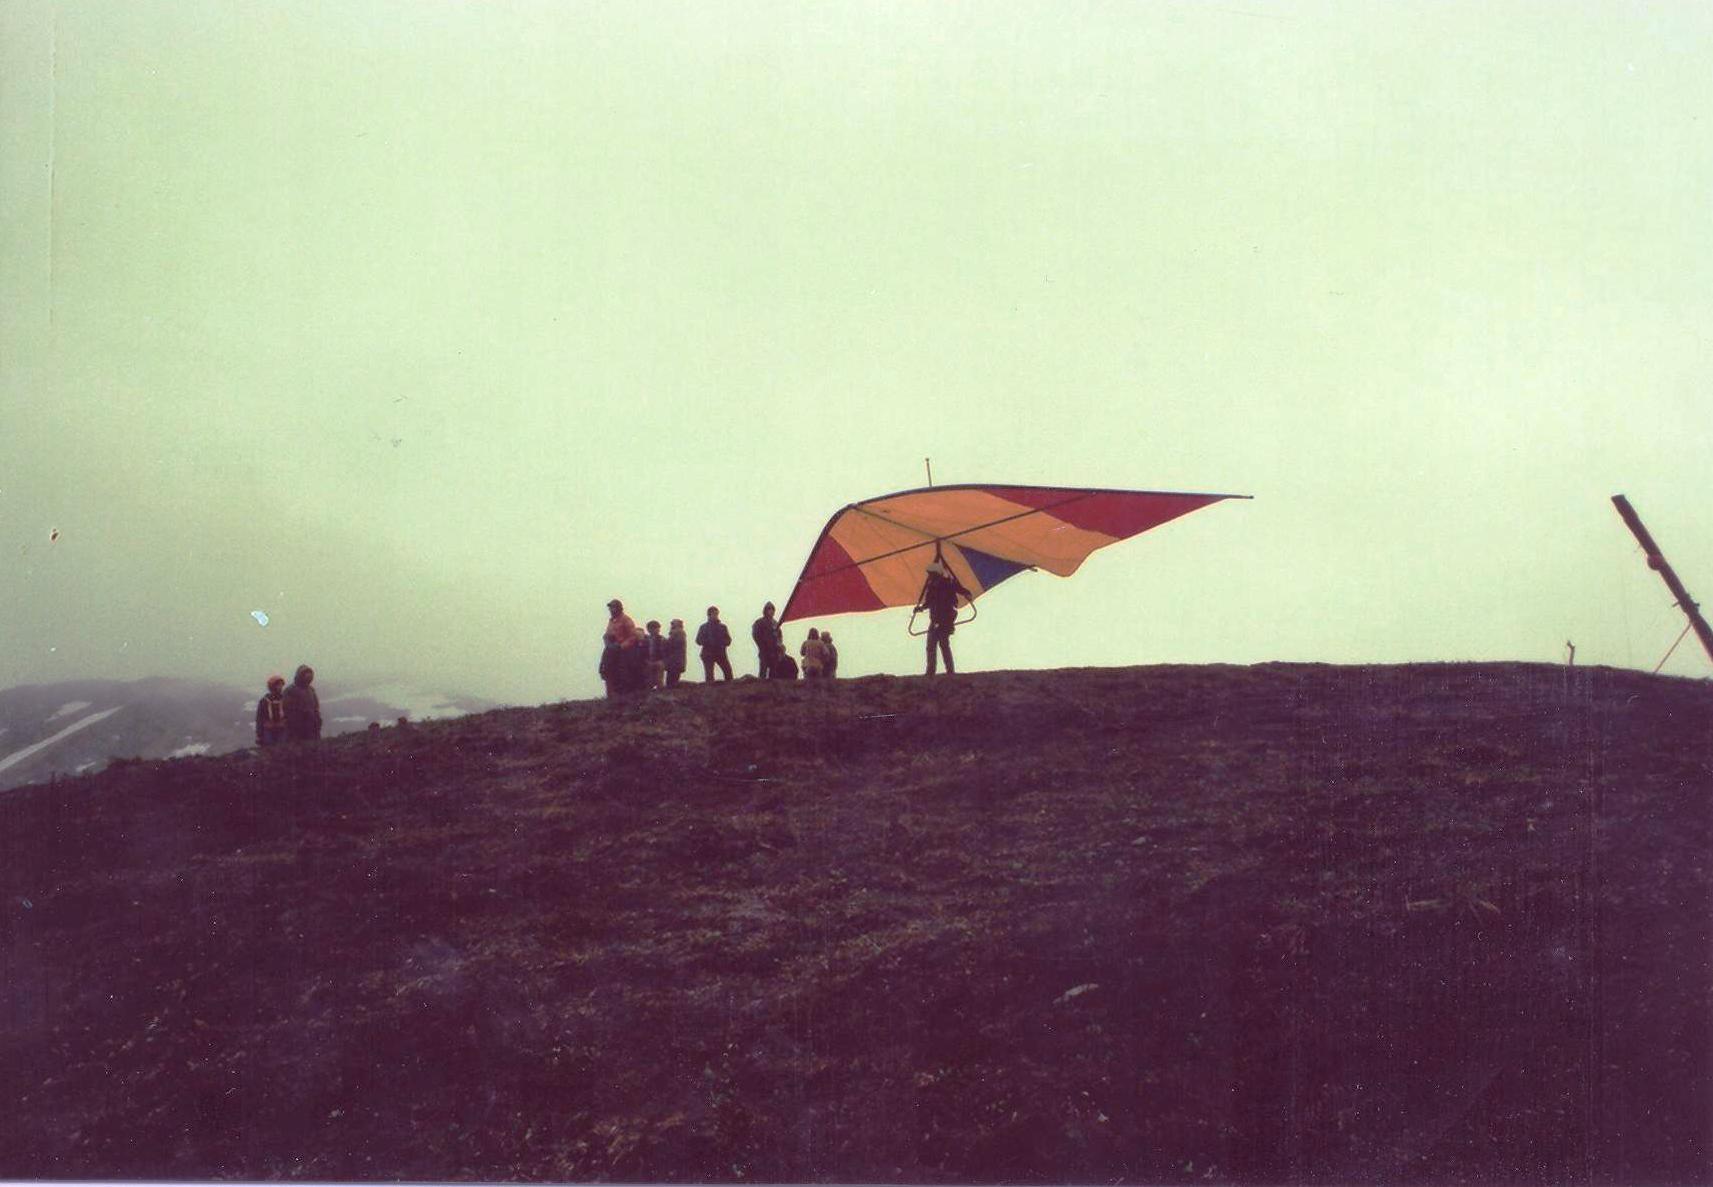 bill-sheka-takeoff-1-hatchers-pass-july-3-1975